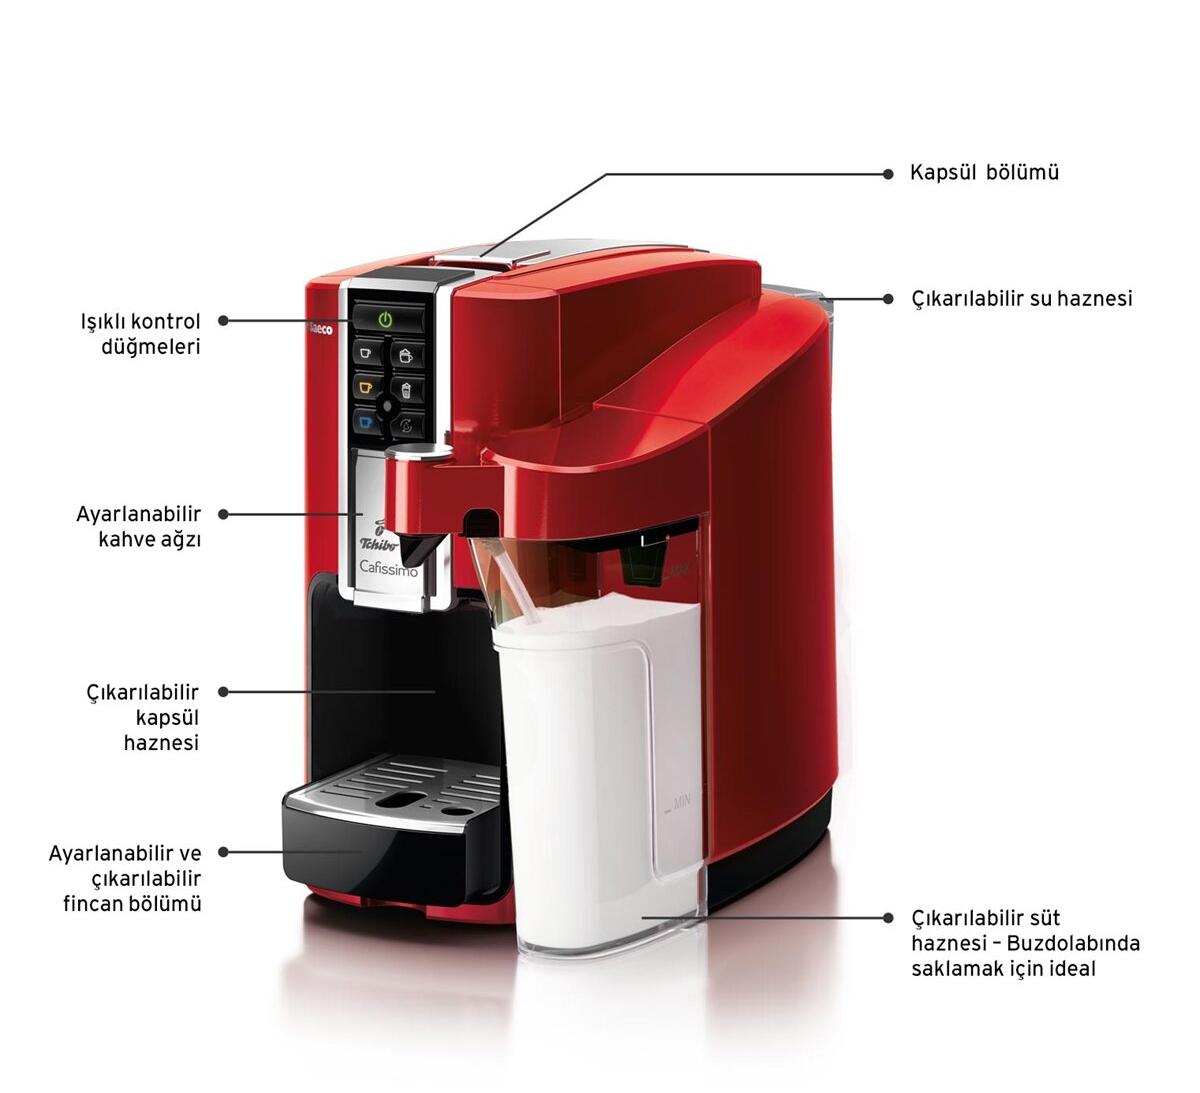 Tchibo Cafissimo Latte Rosso Kapsüllü Kahve Makinesi